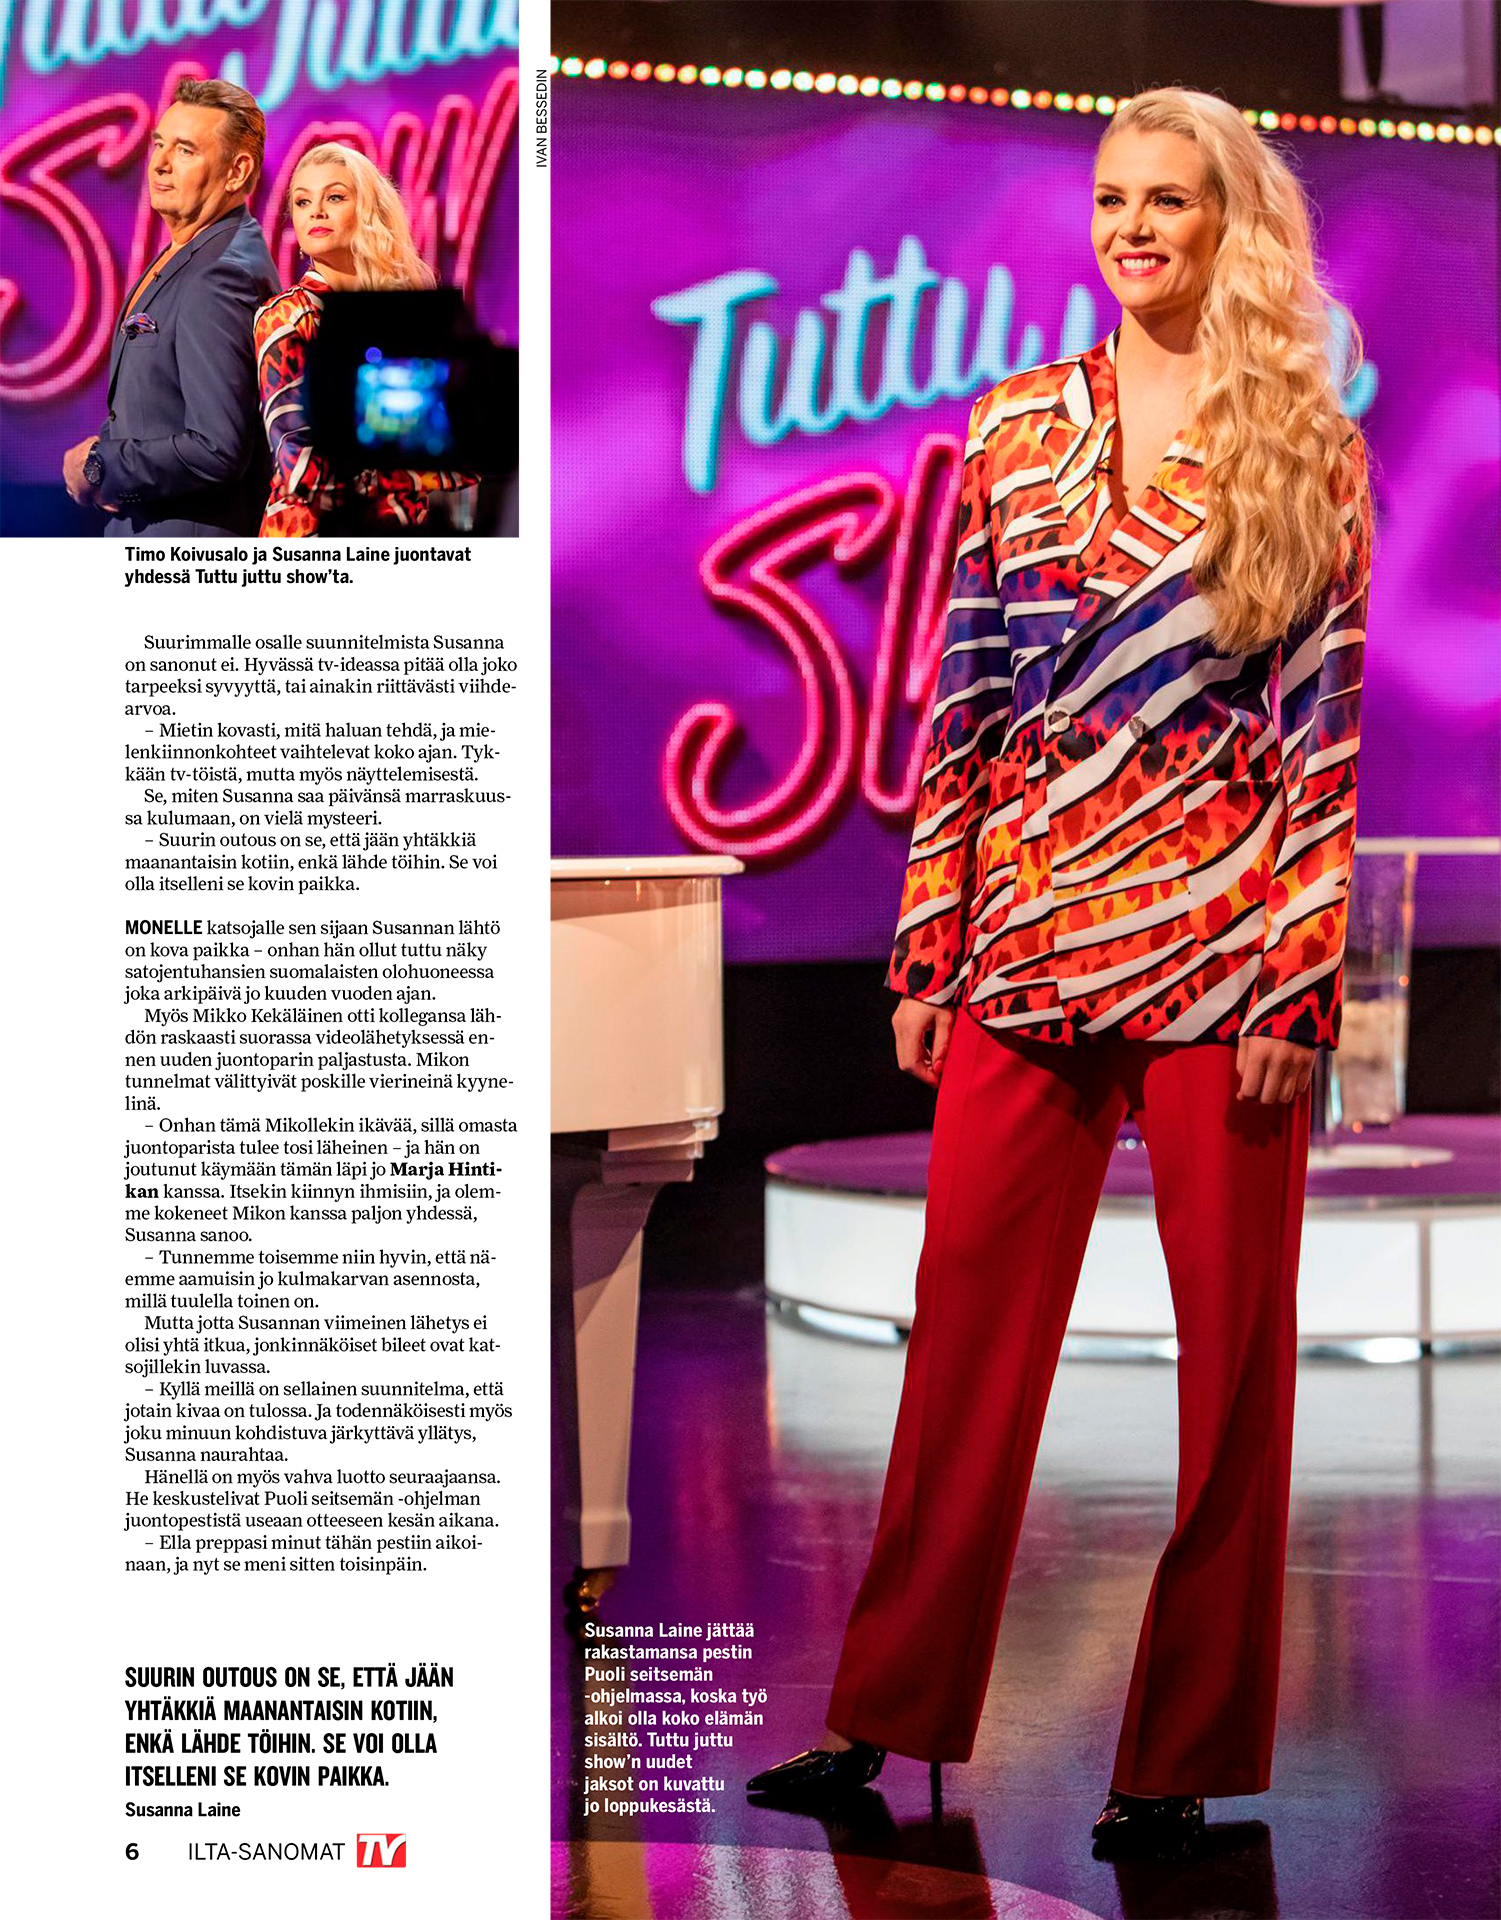 Ilta-Sanomat, TV-Lehti 2020, Susanna Laine, TV-host, Timo Koivusalo